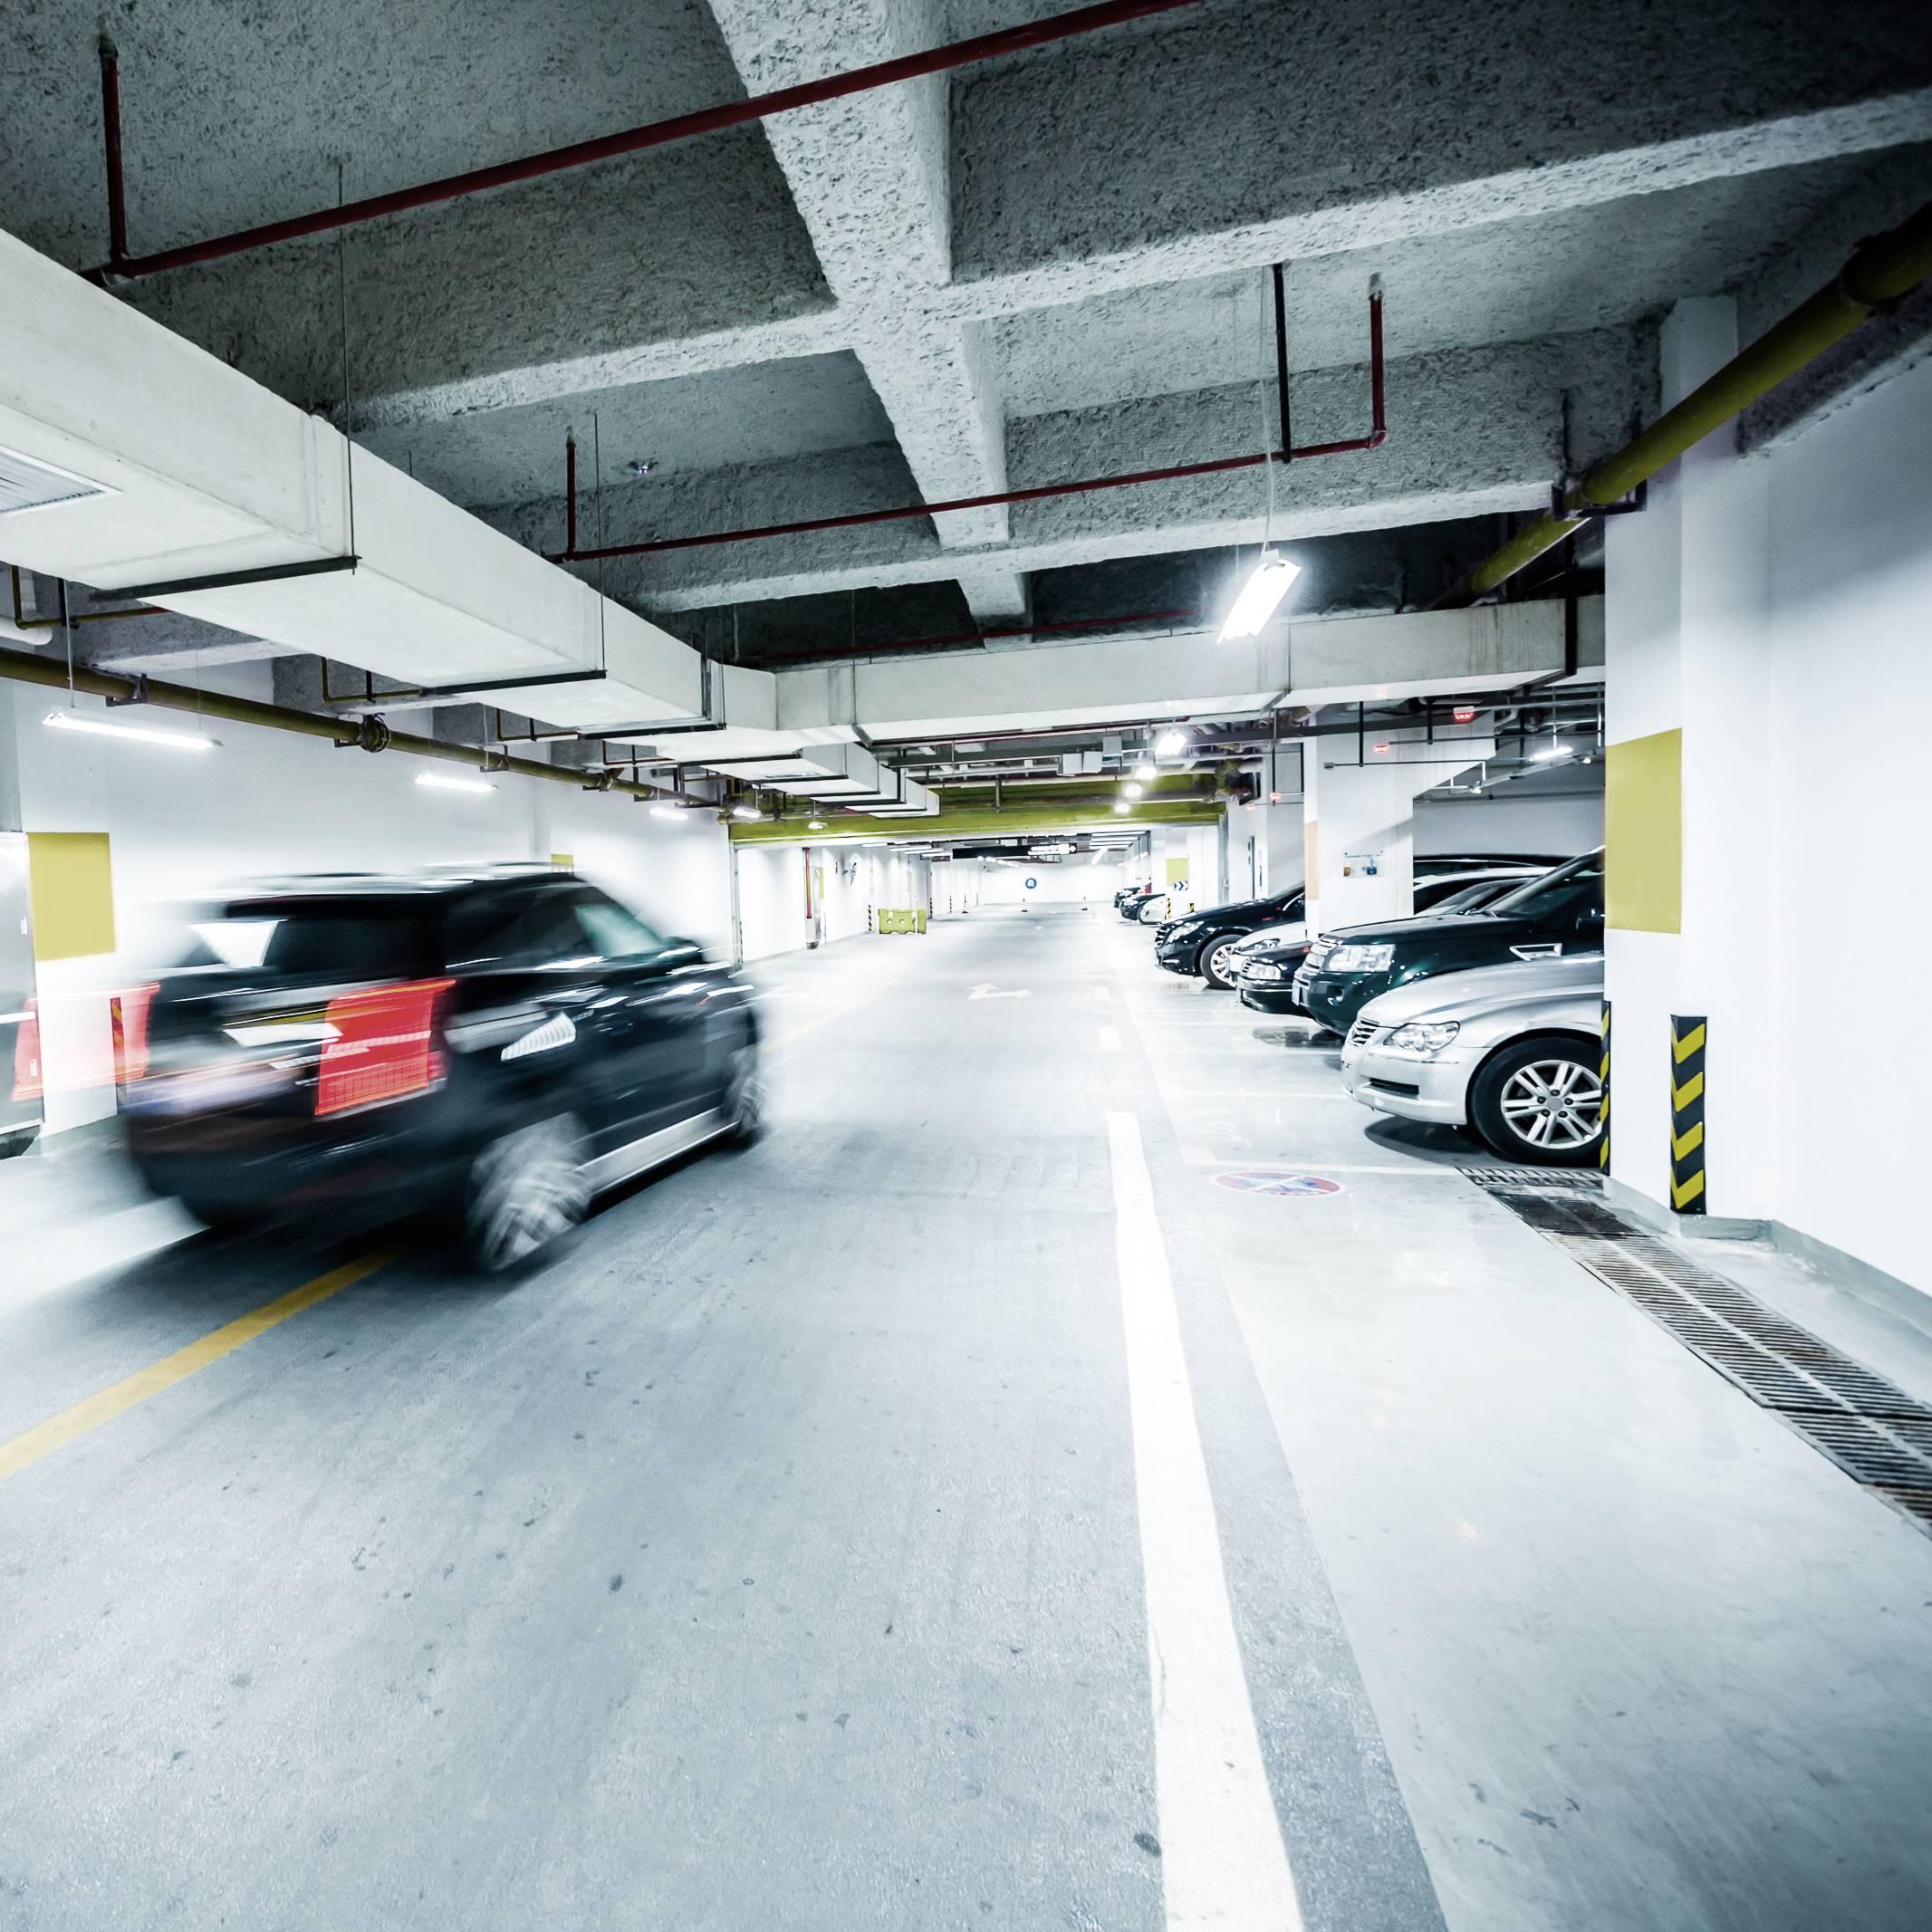 Underground,Parking,Garage